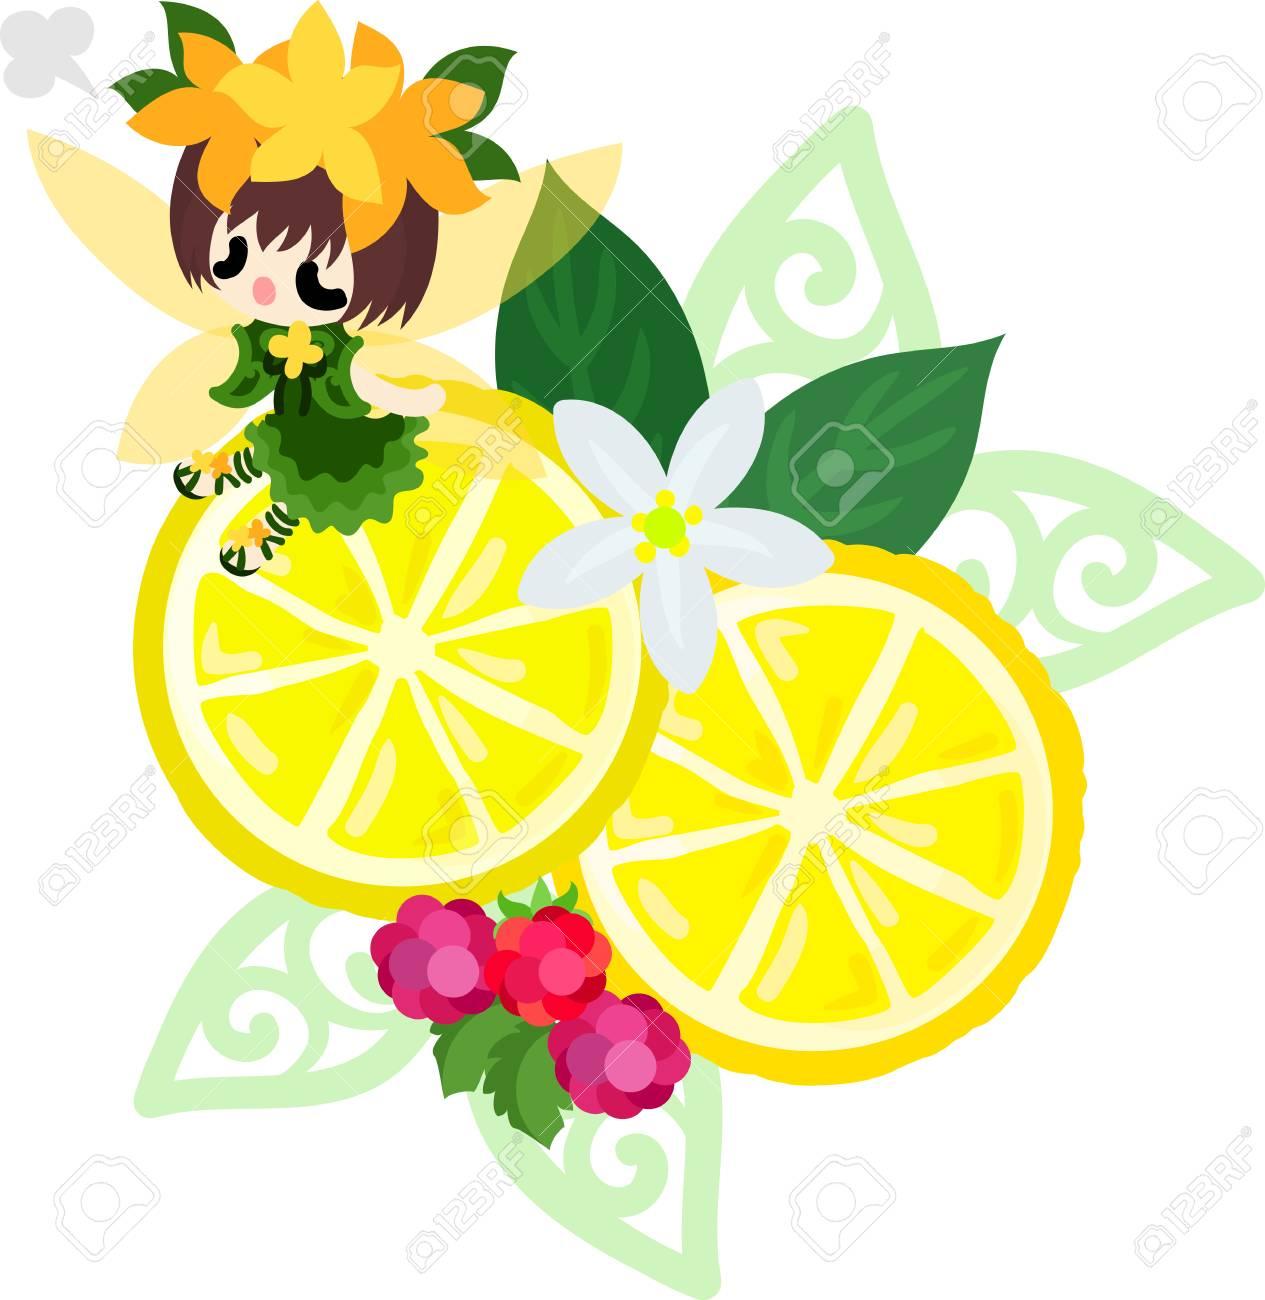 かわいい妖精とレモン飾りのイラストのイラスト素材ベクタ Image